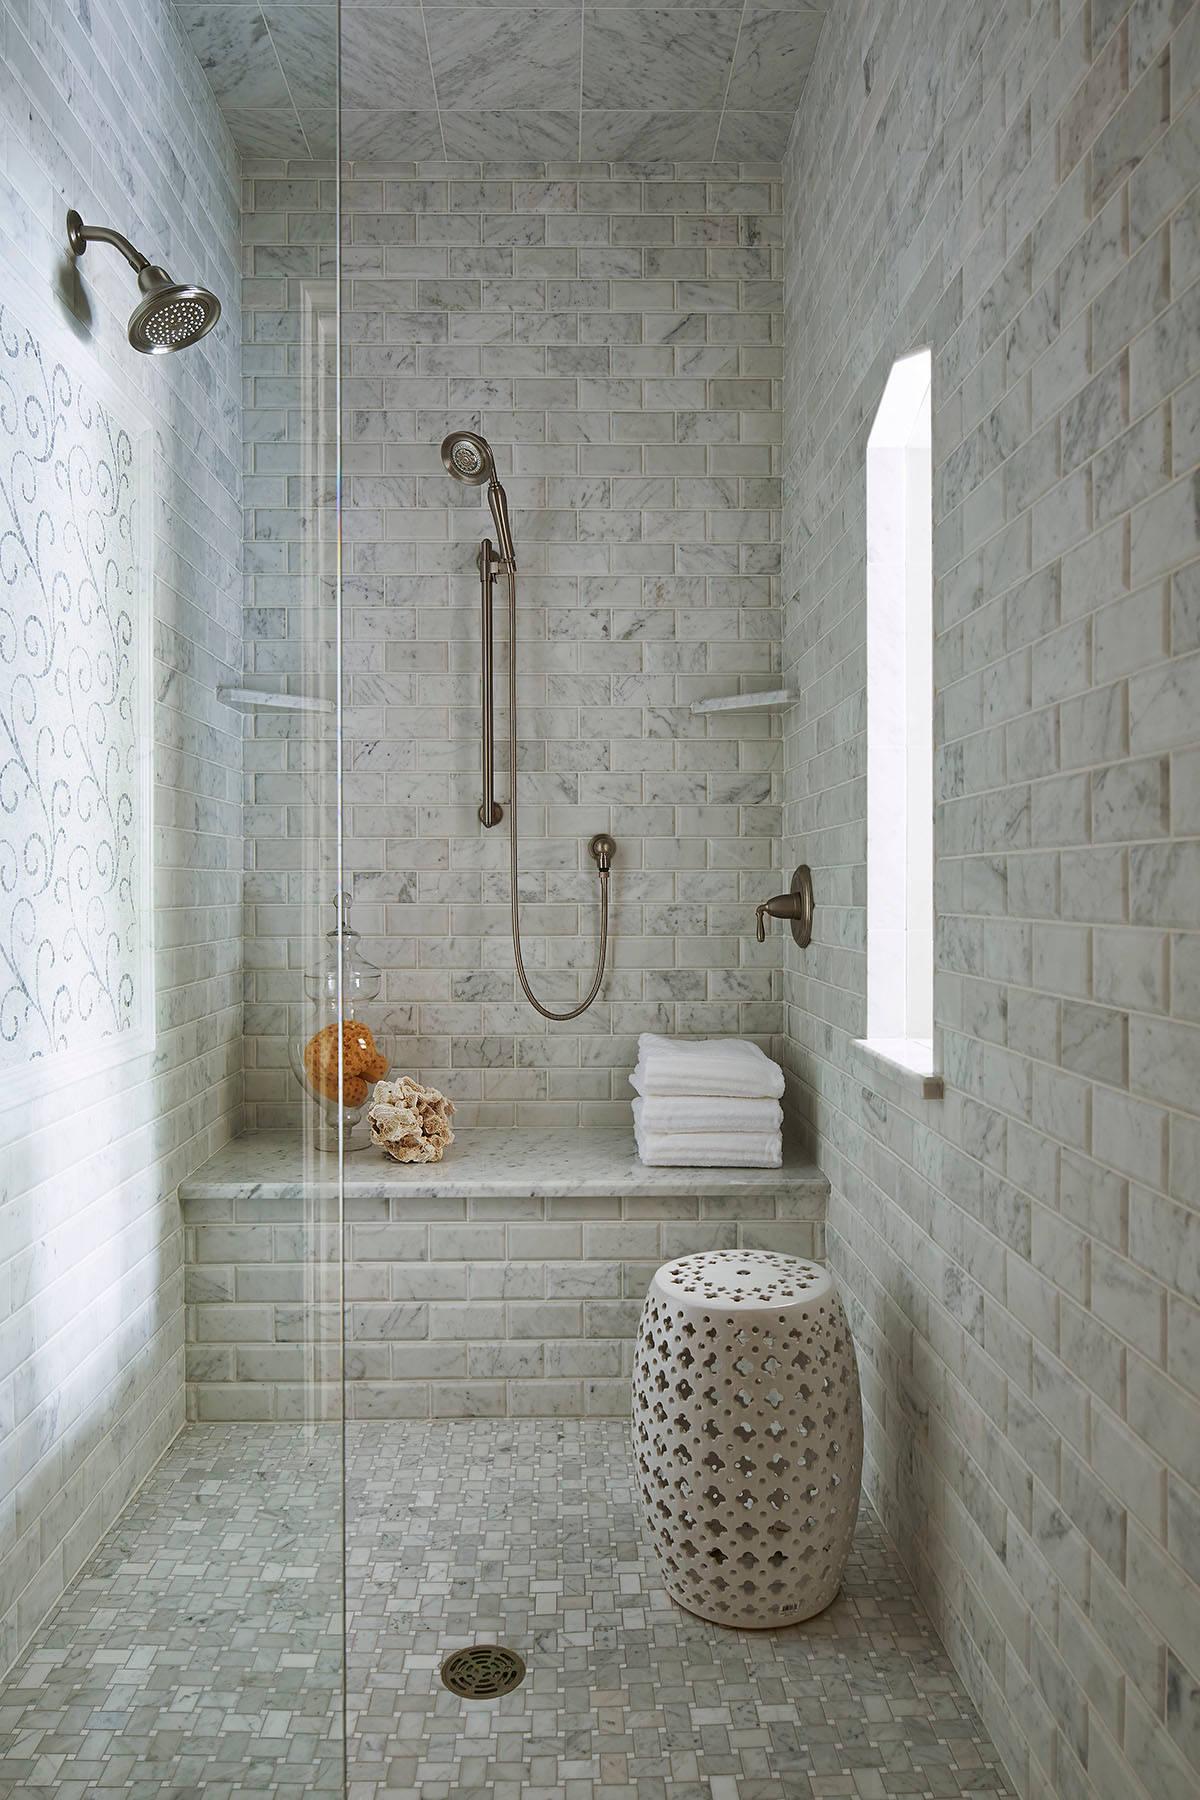 6 x 6 Bathroom Ideas & Photos  Houzz